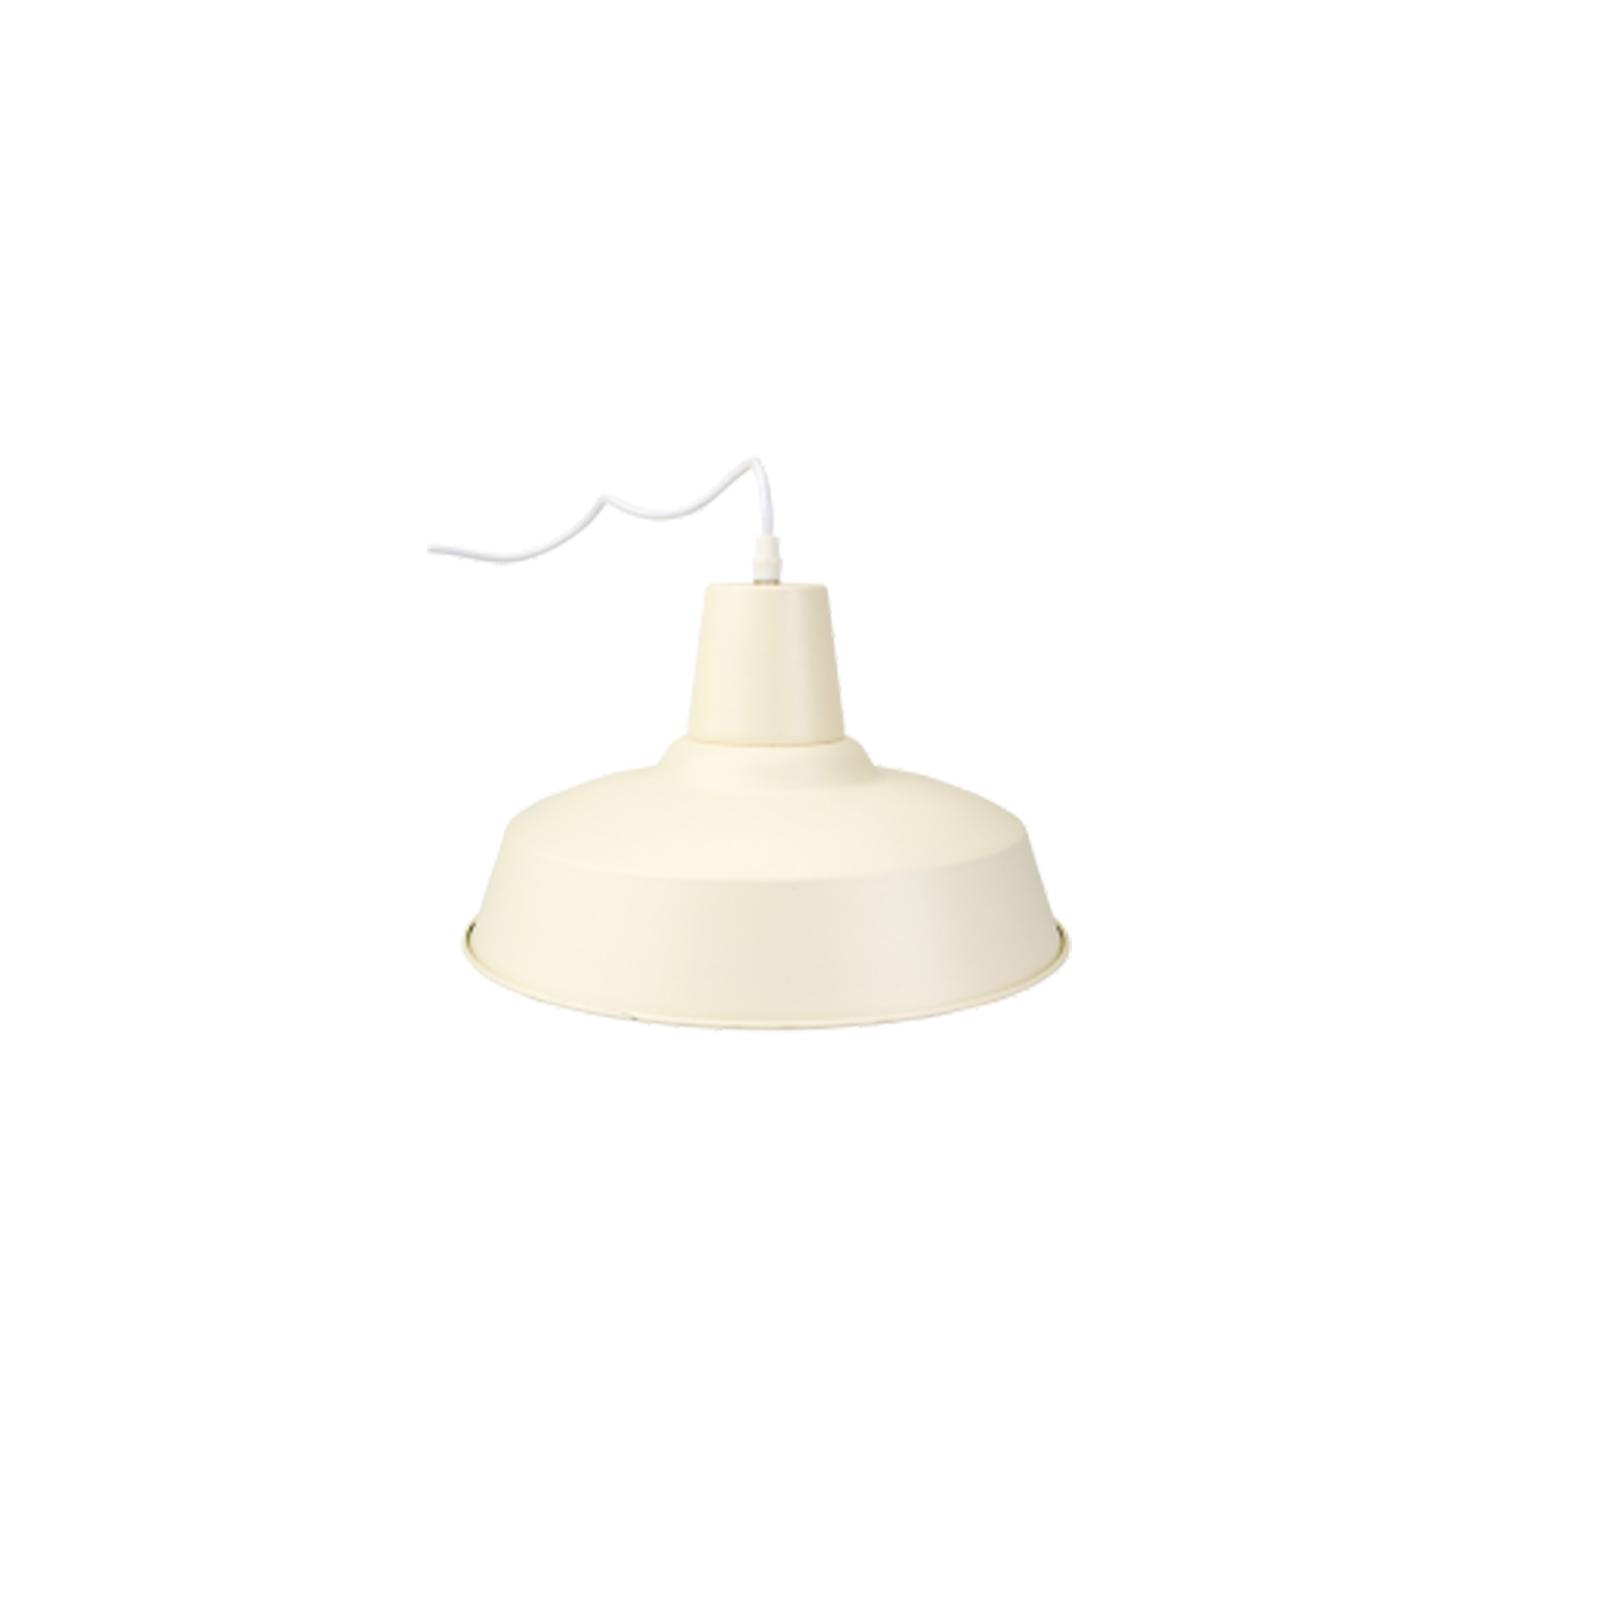 2 couleurs lampe industrielle suspendue conception pendentif lumi re ebay - Lampe suspendue industrielle ...